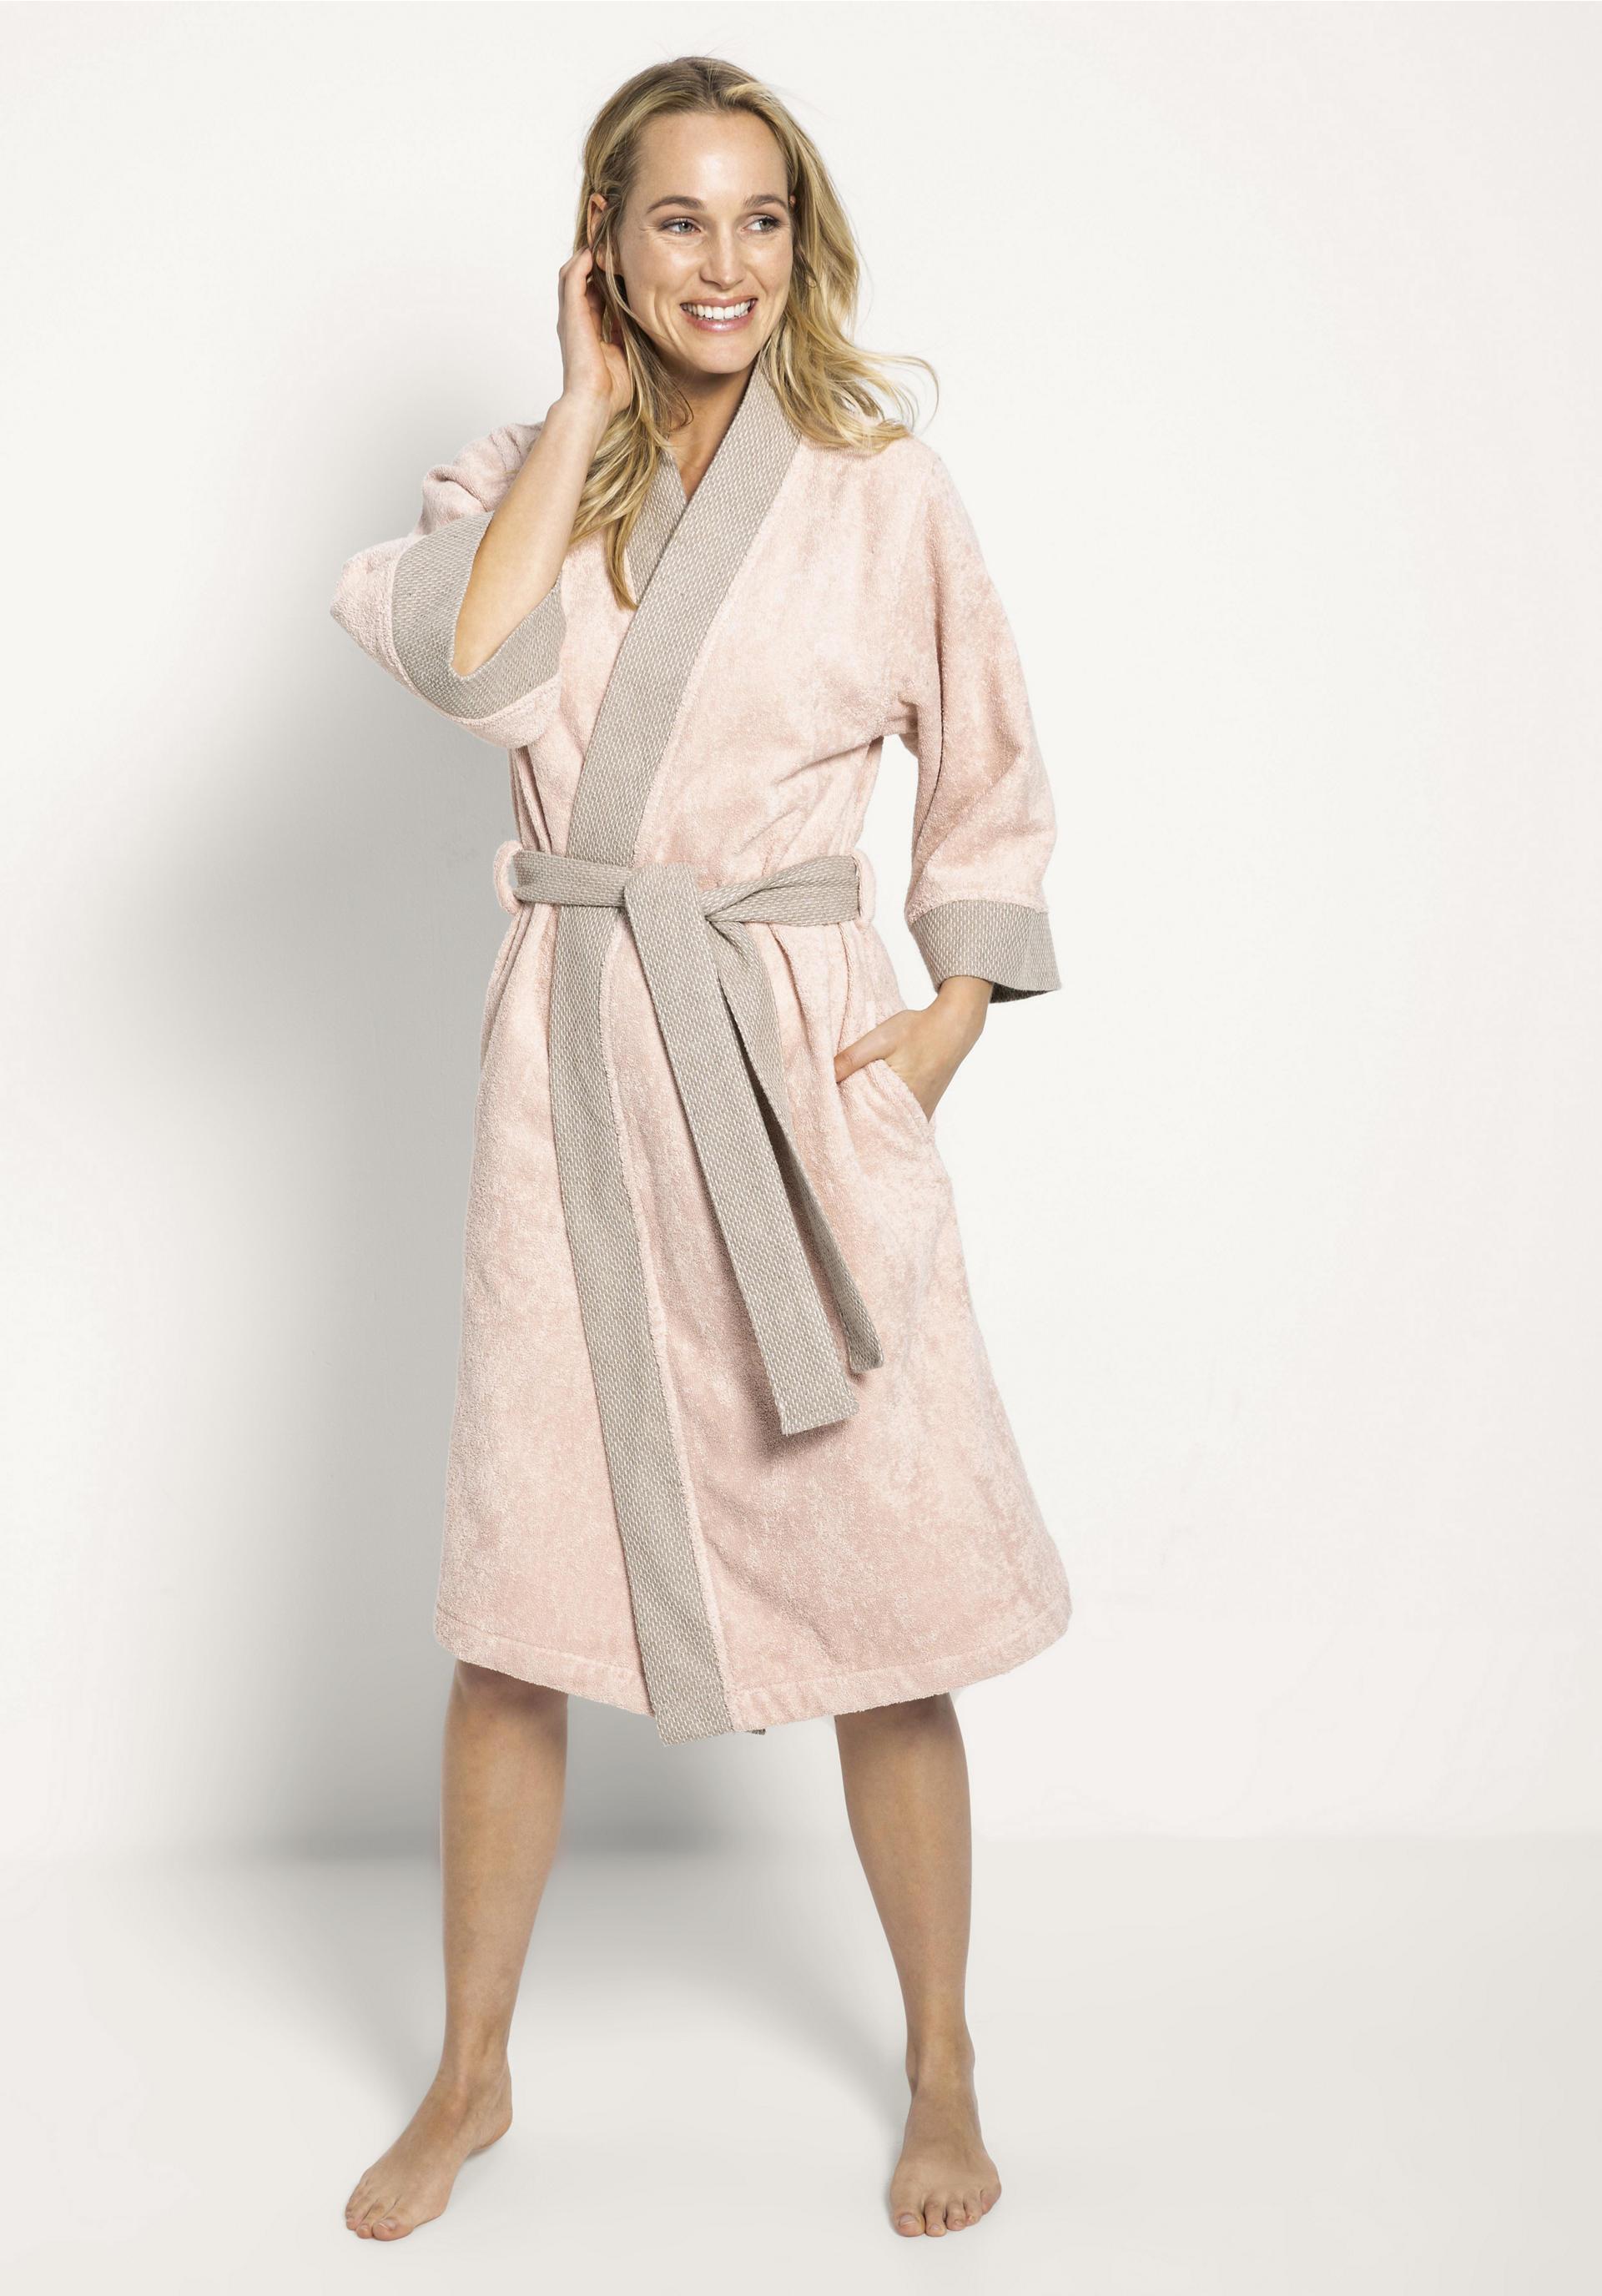 Dauerhafter Service Rabatt-Sammlung online Kimono-Bademantel aus Bio-Baumwolle mit Leinen in der Bordüre von hessnatur